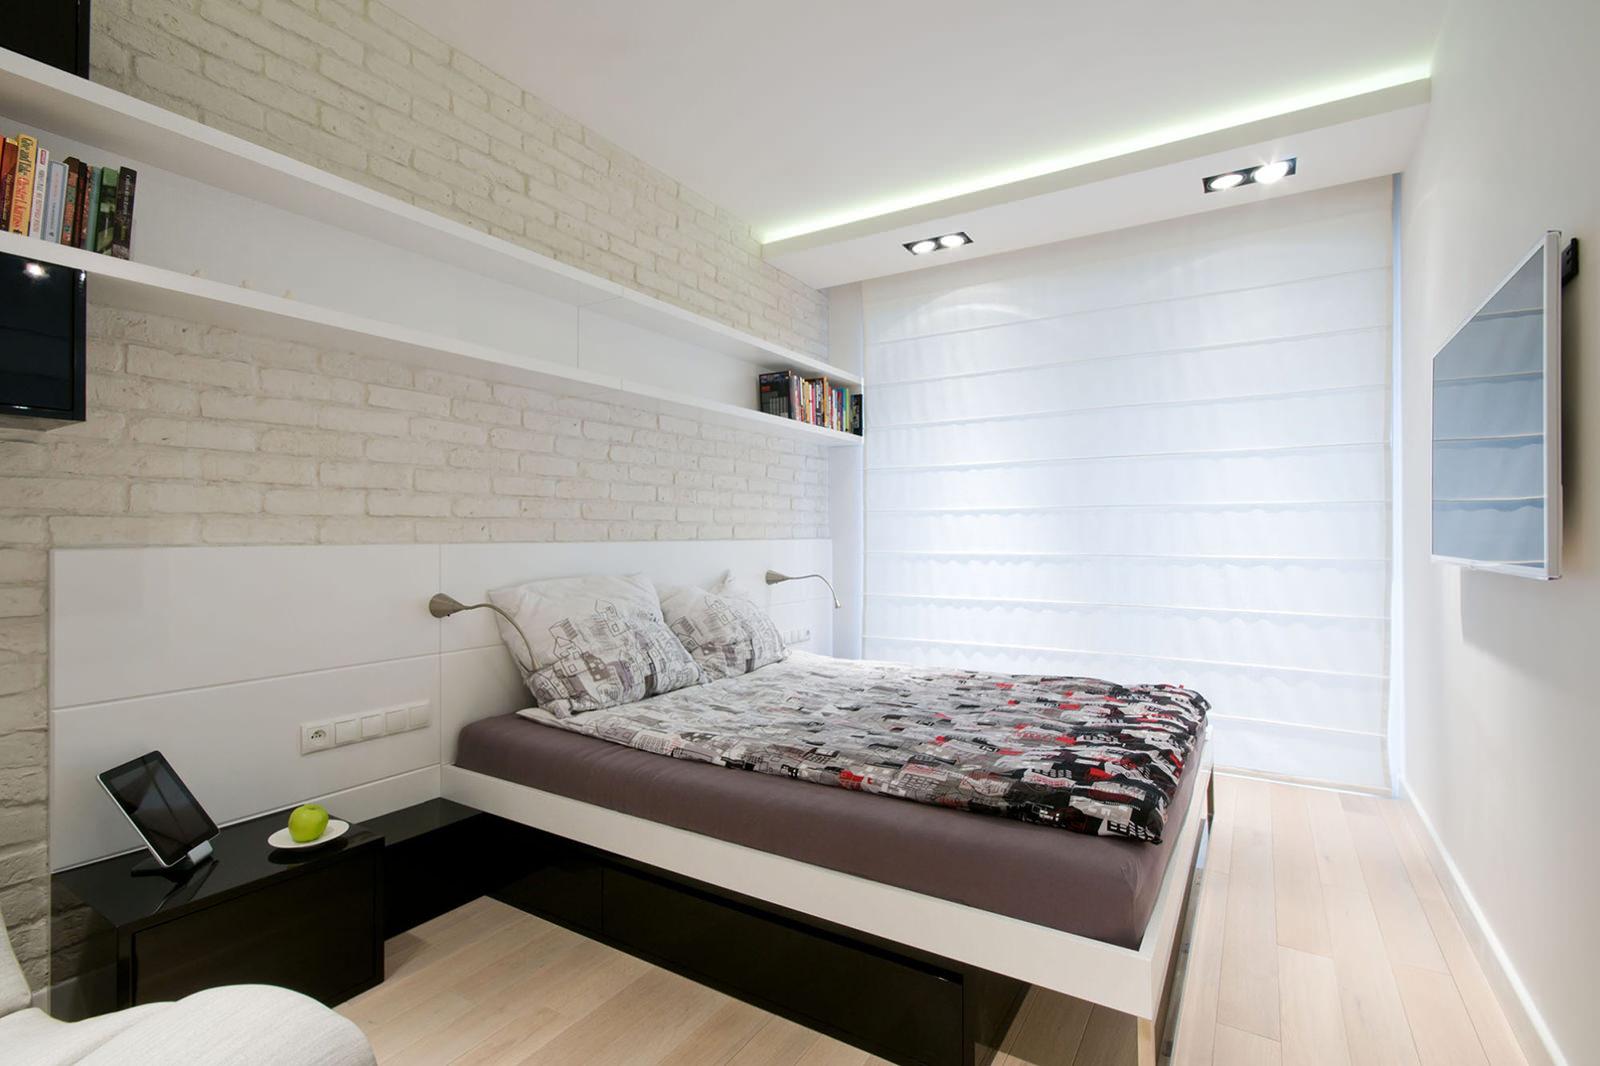 оформление потолка и стен в стиле минимализм